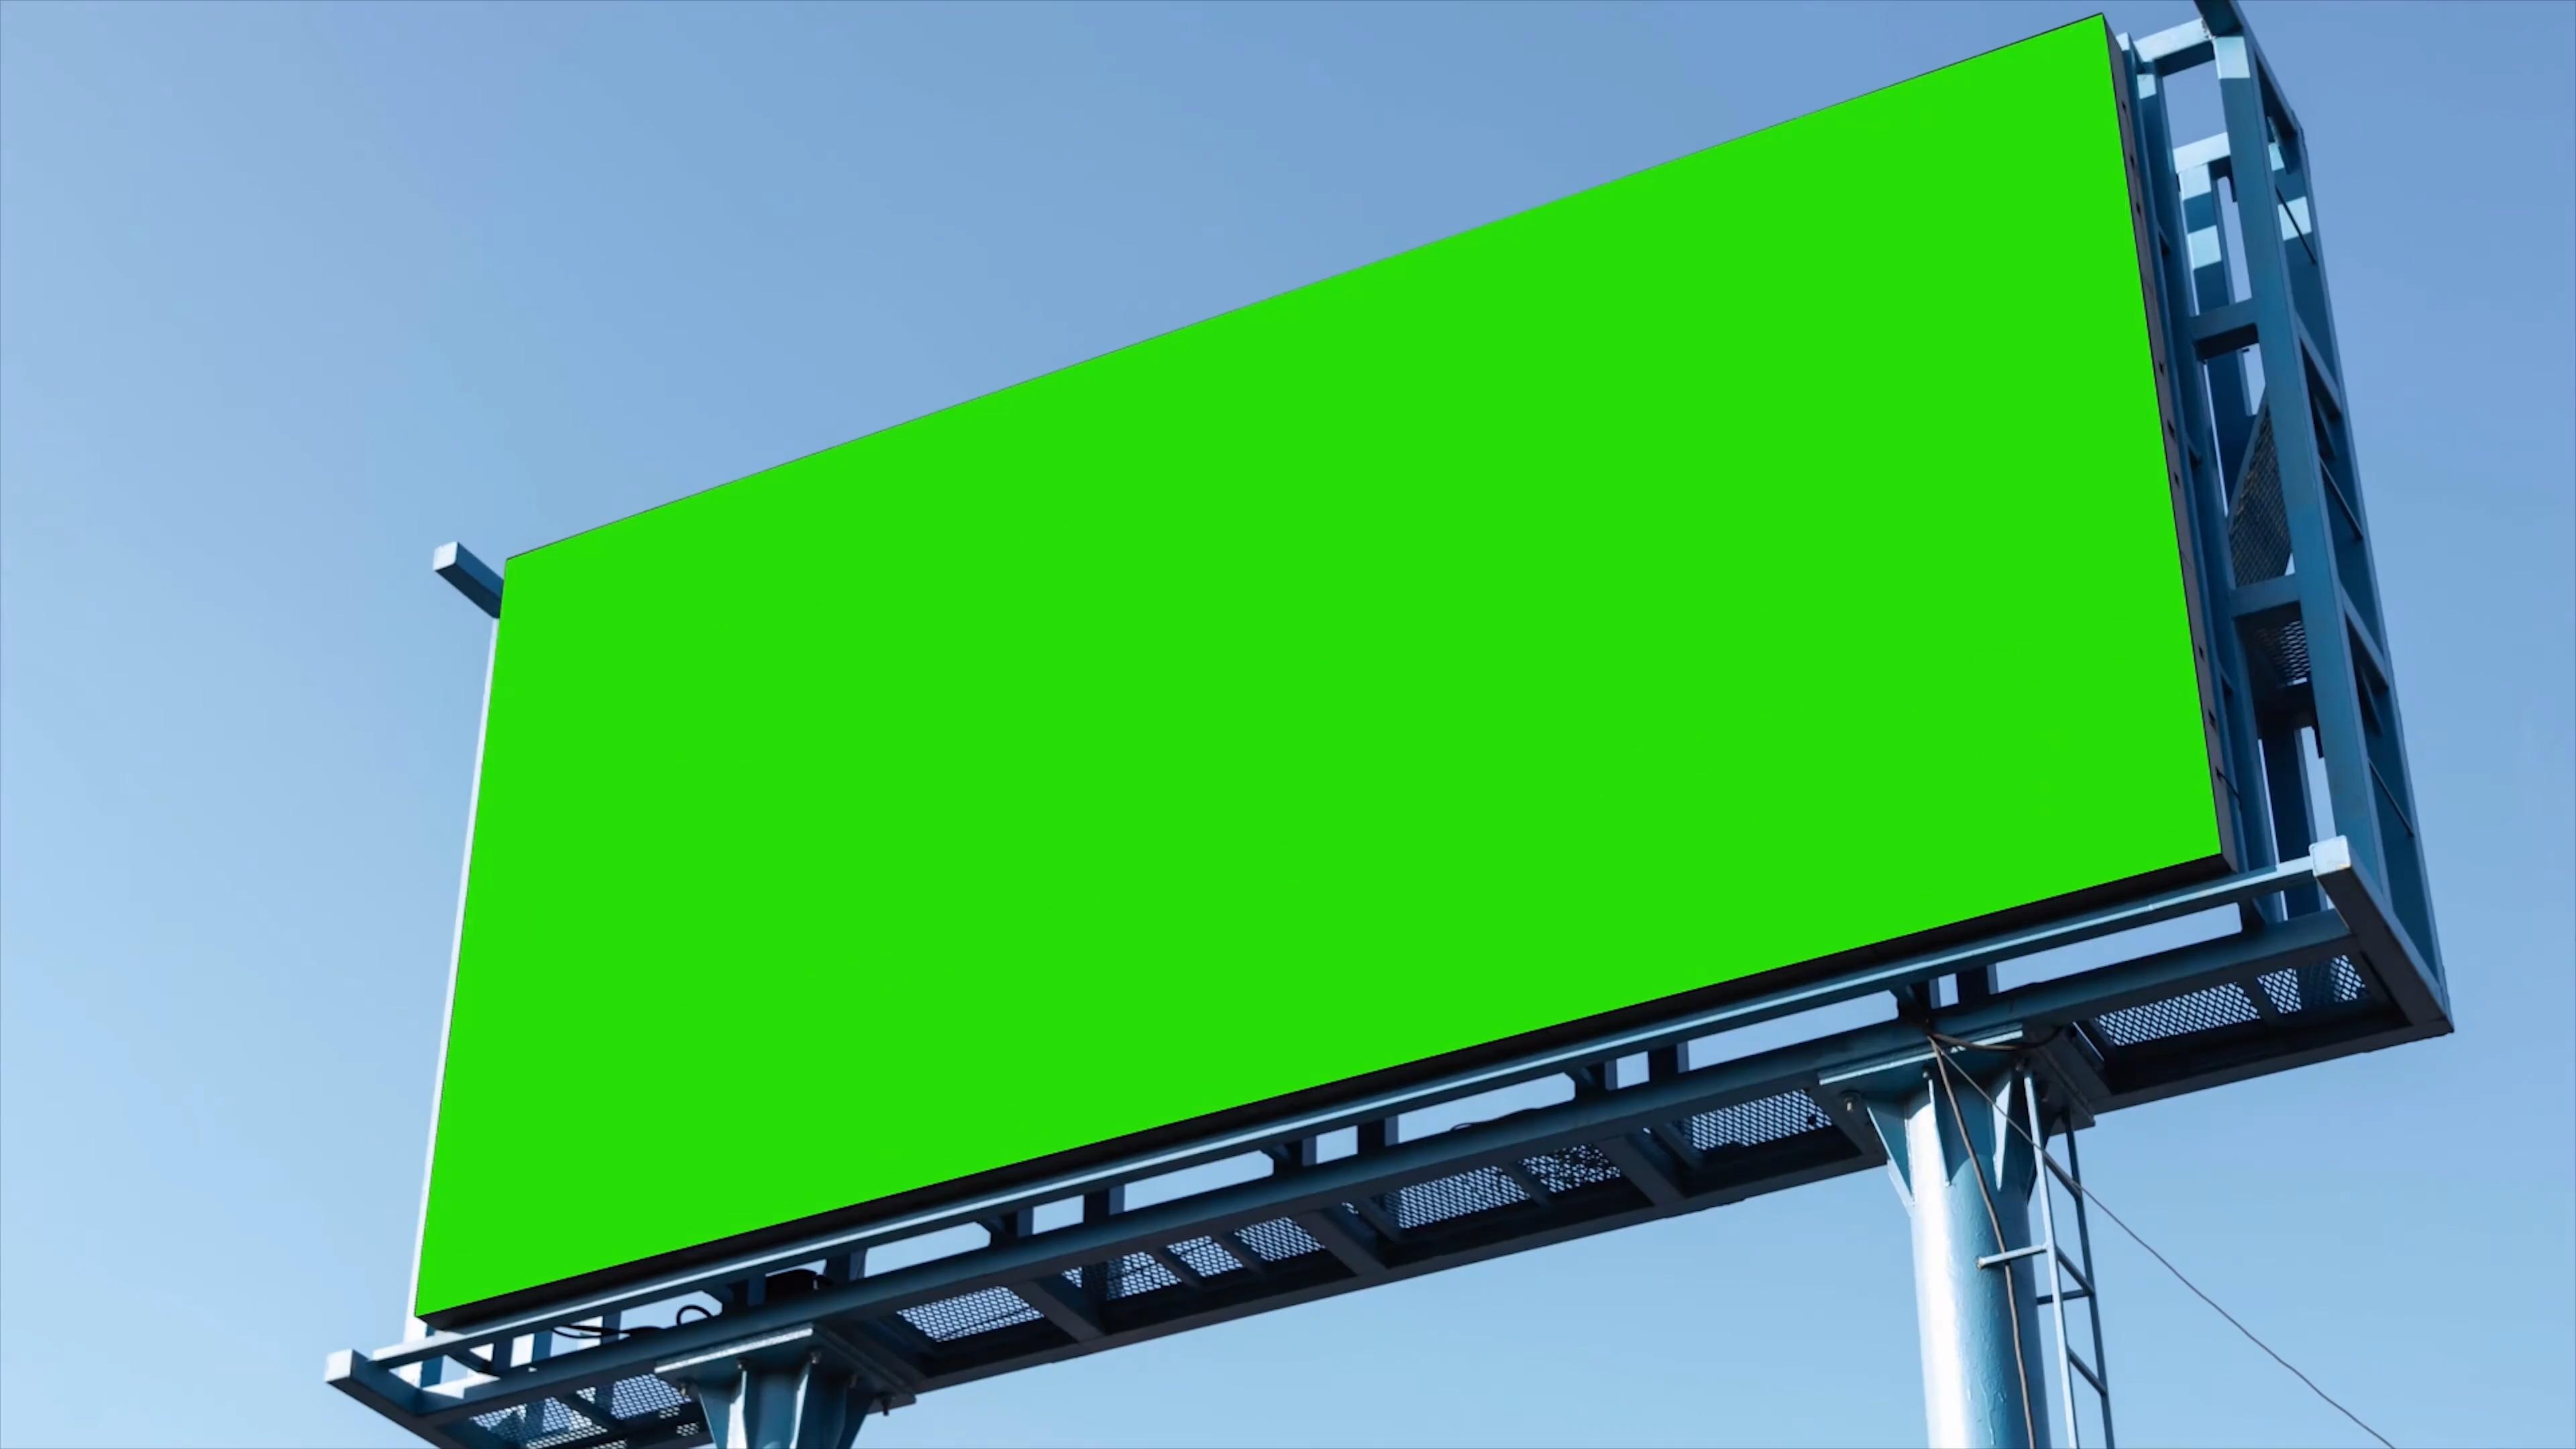 绿屏抠像户外大型广告牌